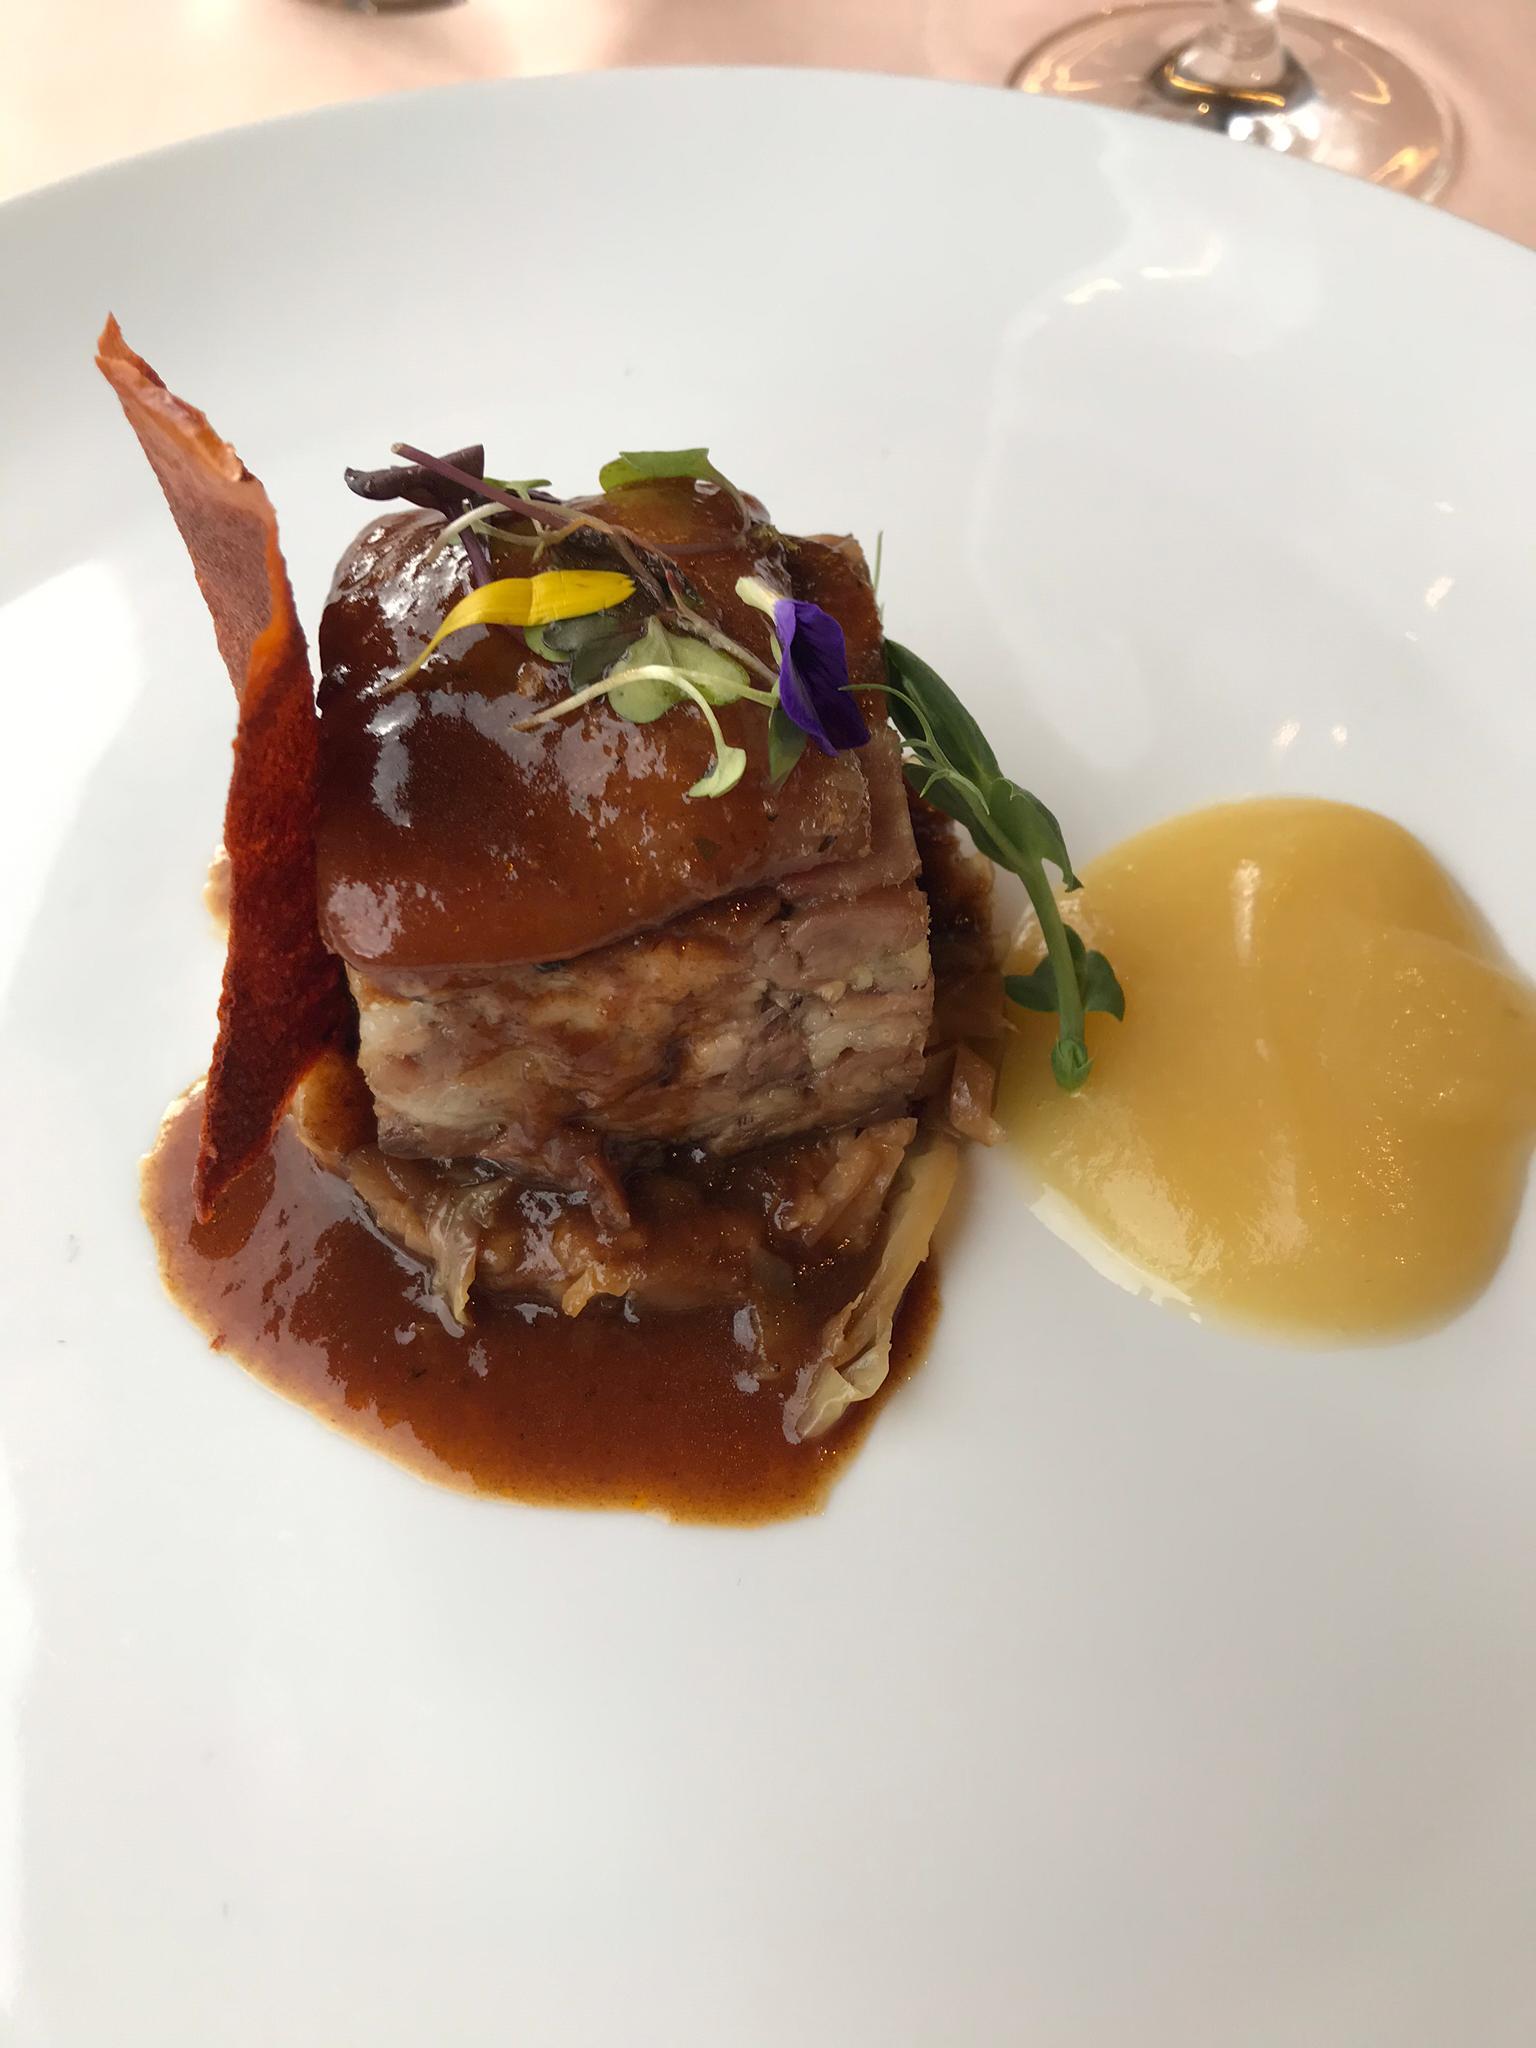 Reseñas gastronómicas: Restaurante 'De Floriana' en Molinaseca 7